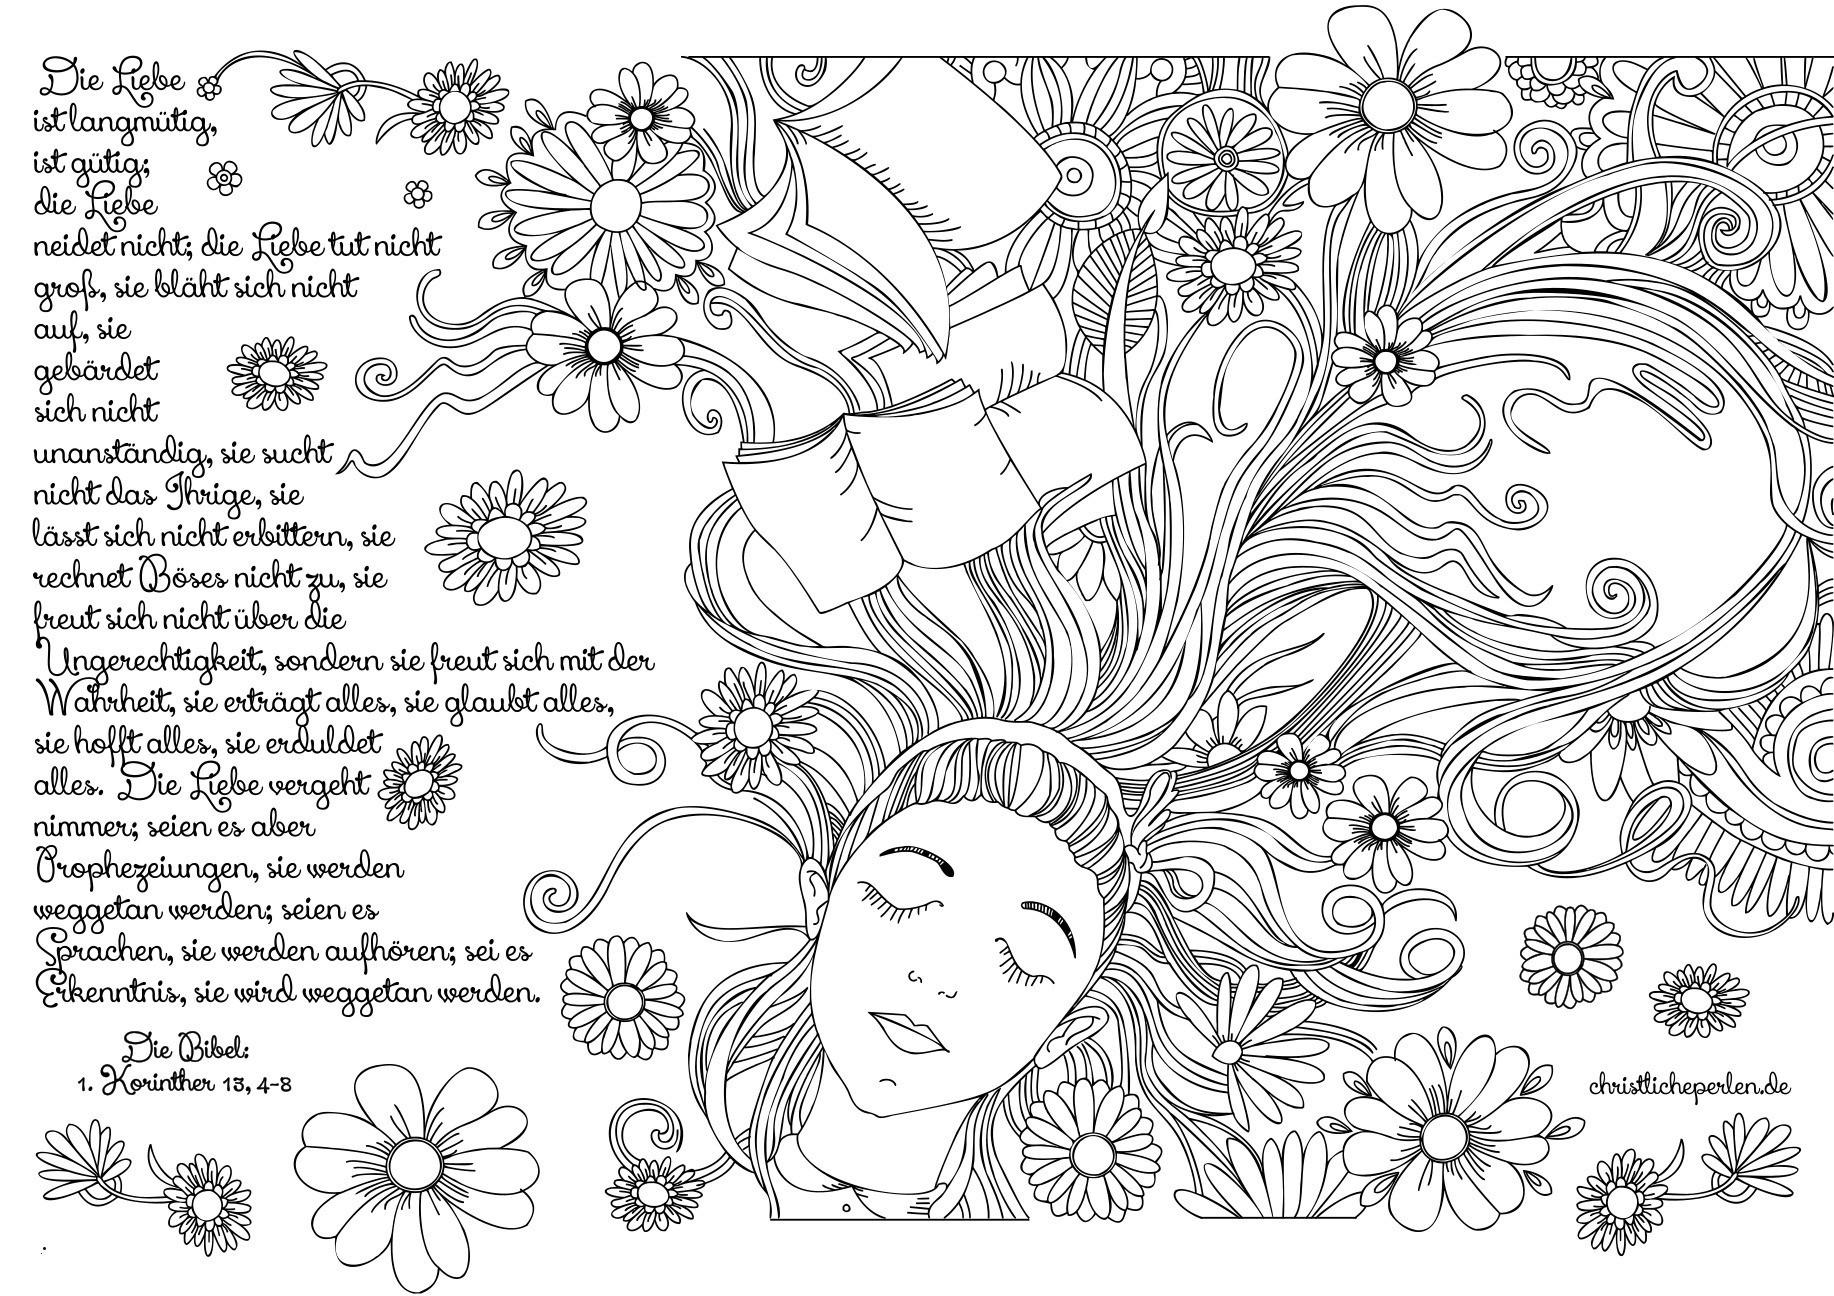 Blumenranken Zum Ausdrucken Neu 48 Idee Coole Ausmalbilder Zum Ausdrucken Treehouse Nyc Stock